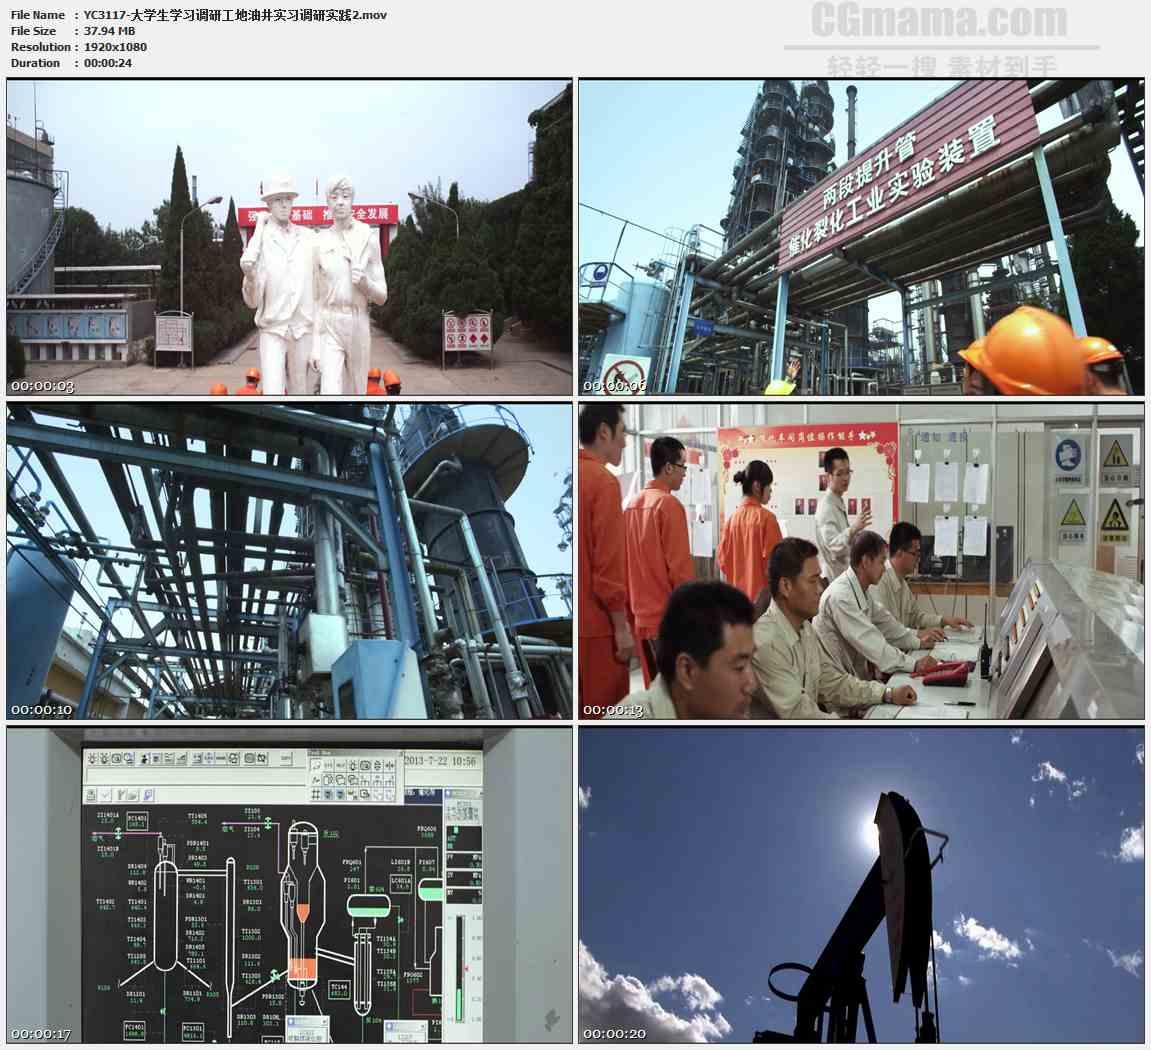 YC3117-大学生学习调研工地油井实习调研实践高清实拍视频素材